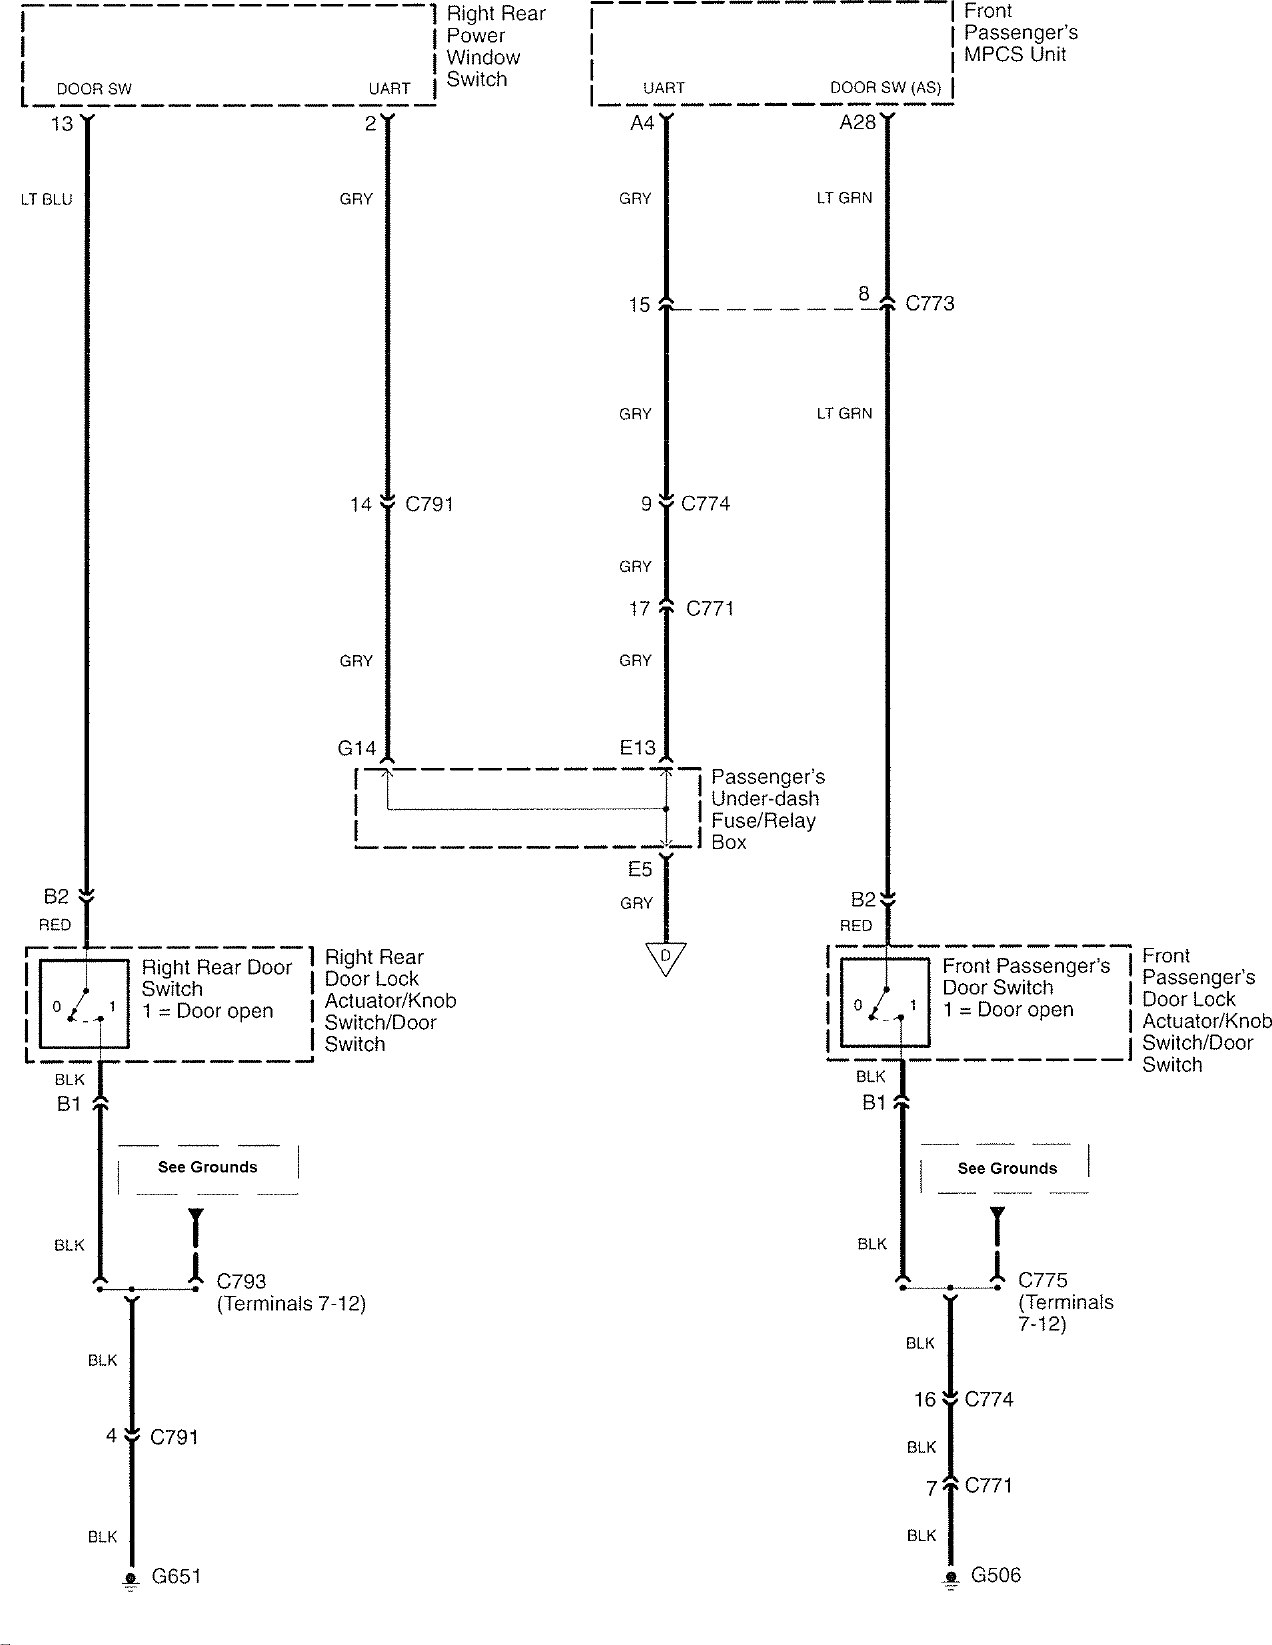 Acura Rl  2007  - Wiring Diagrams - Warning Indicators